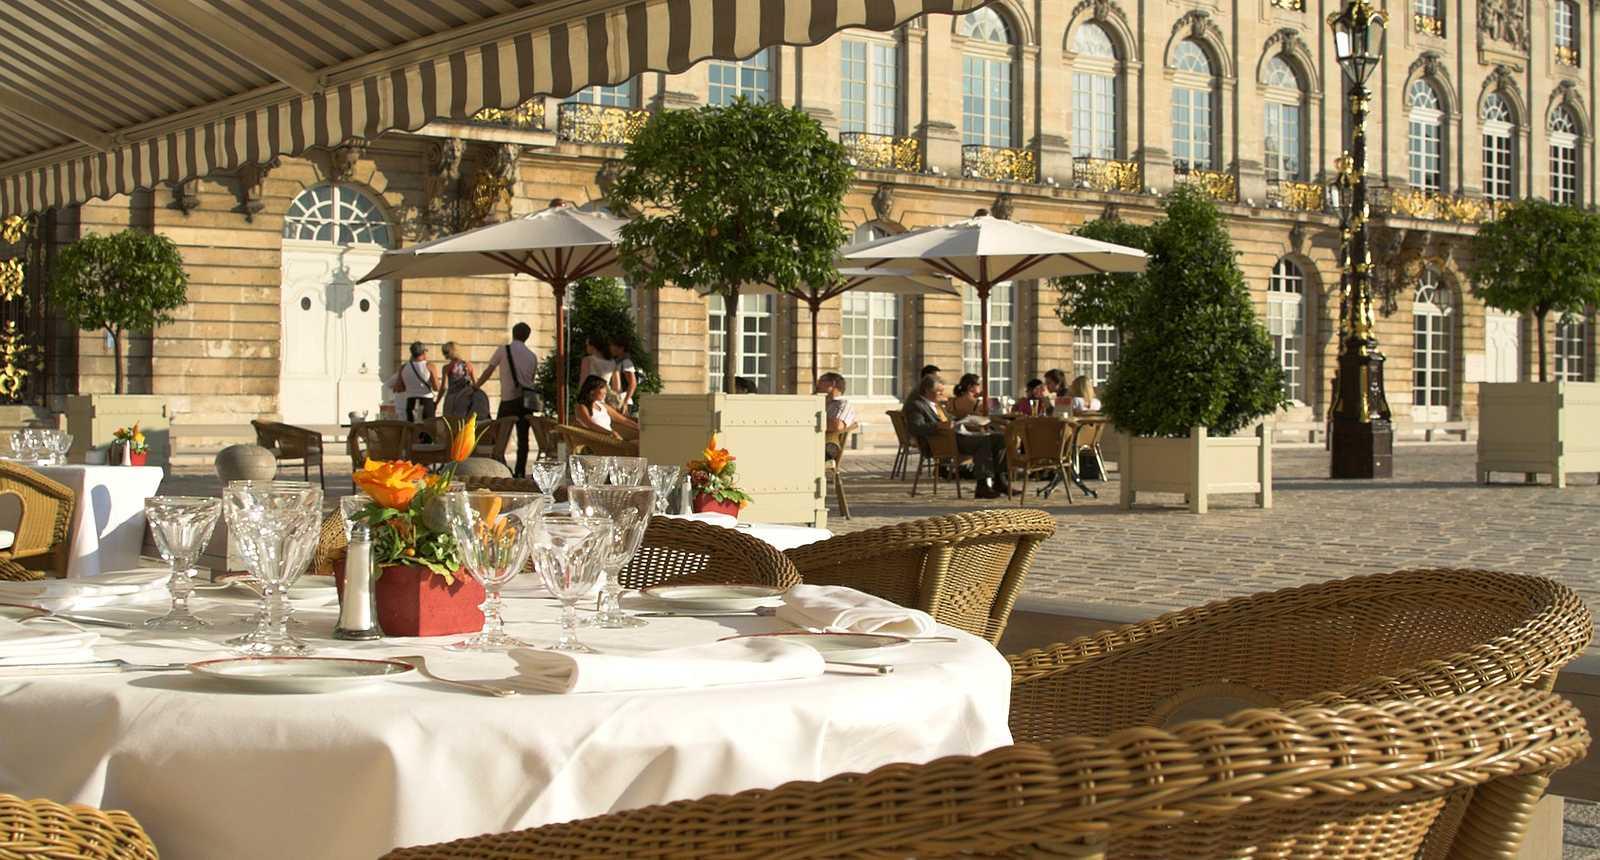 Terrasses sur la Place Stanislas de Nancy